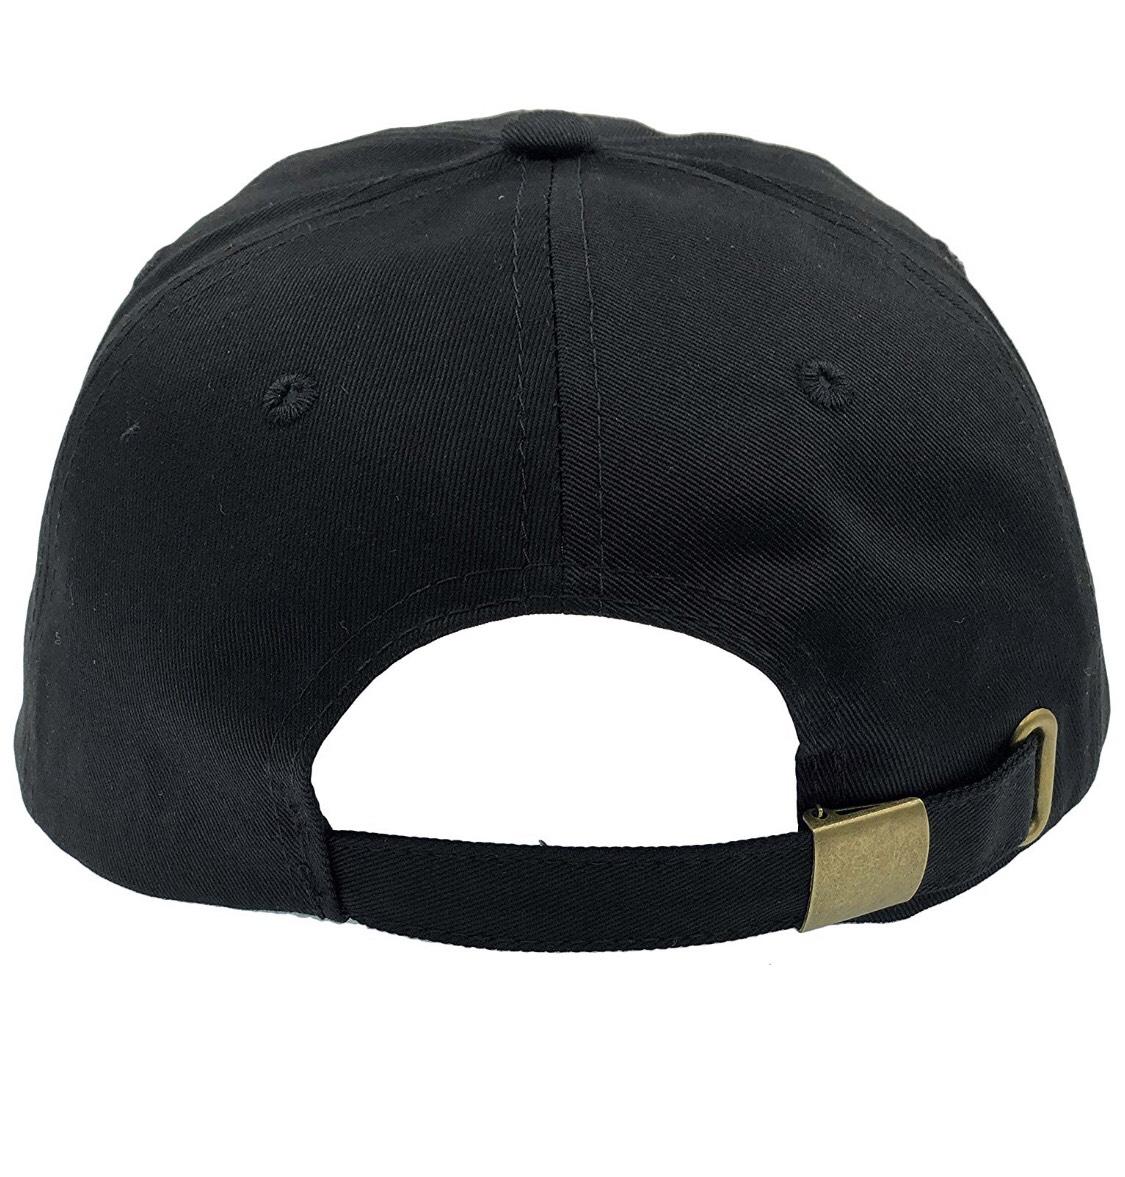 922f3ea22e4bf Goofy Movie Max Strapback Dad Hat (Black) — Steez The Day